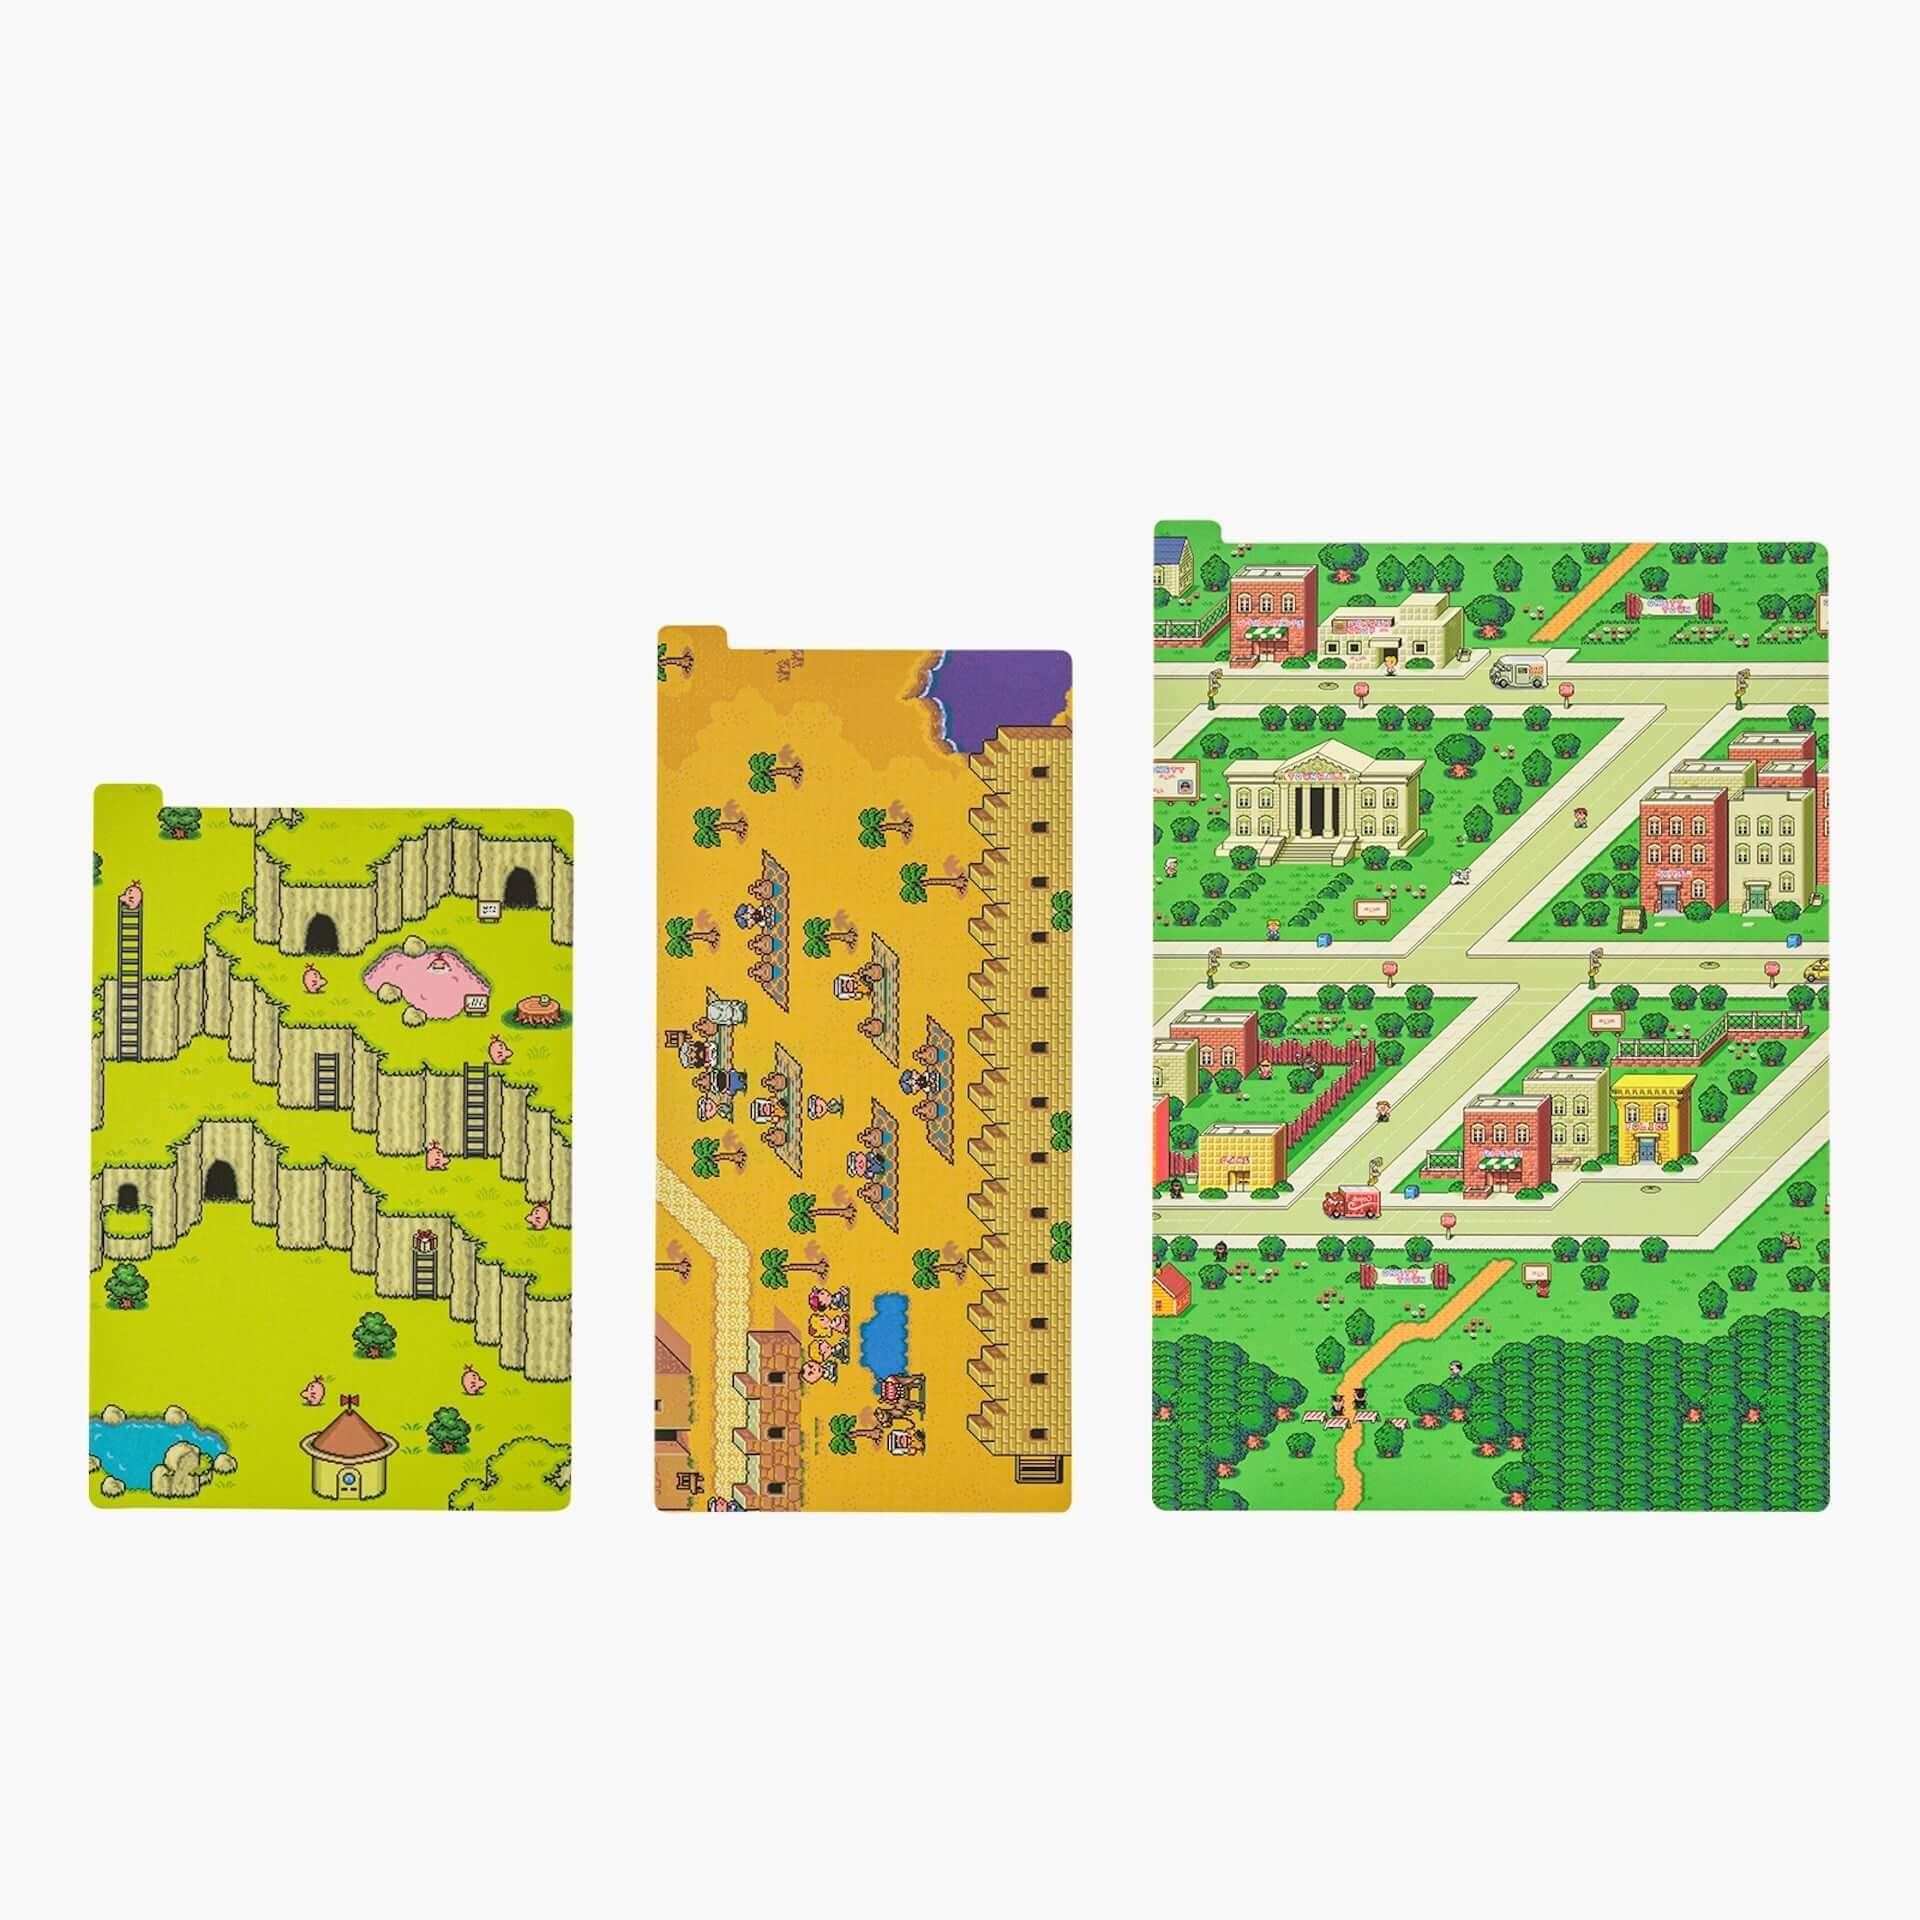 どせいさんやネスも登場!『MOTHER』デザインの『ほぼ日手帳』2021年版のラインナップが大公開 art2000825_mother-hobonichi_5-1920x1920